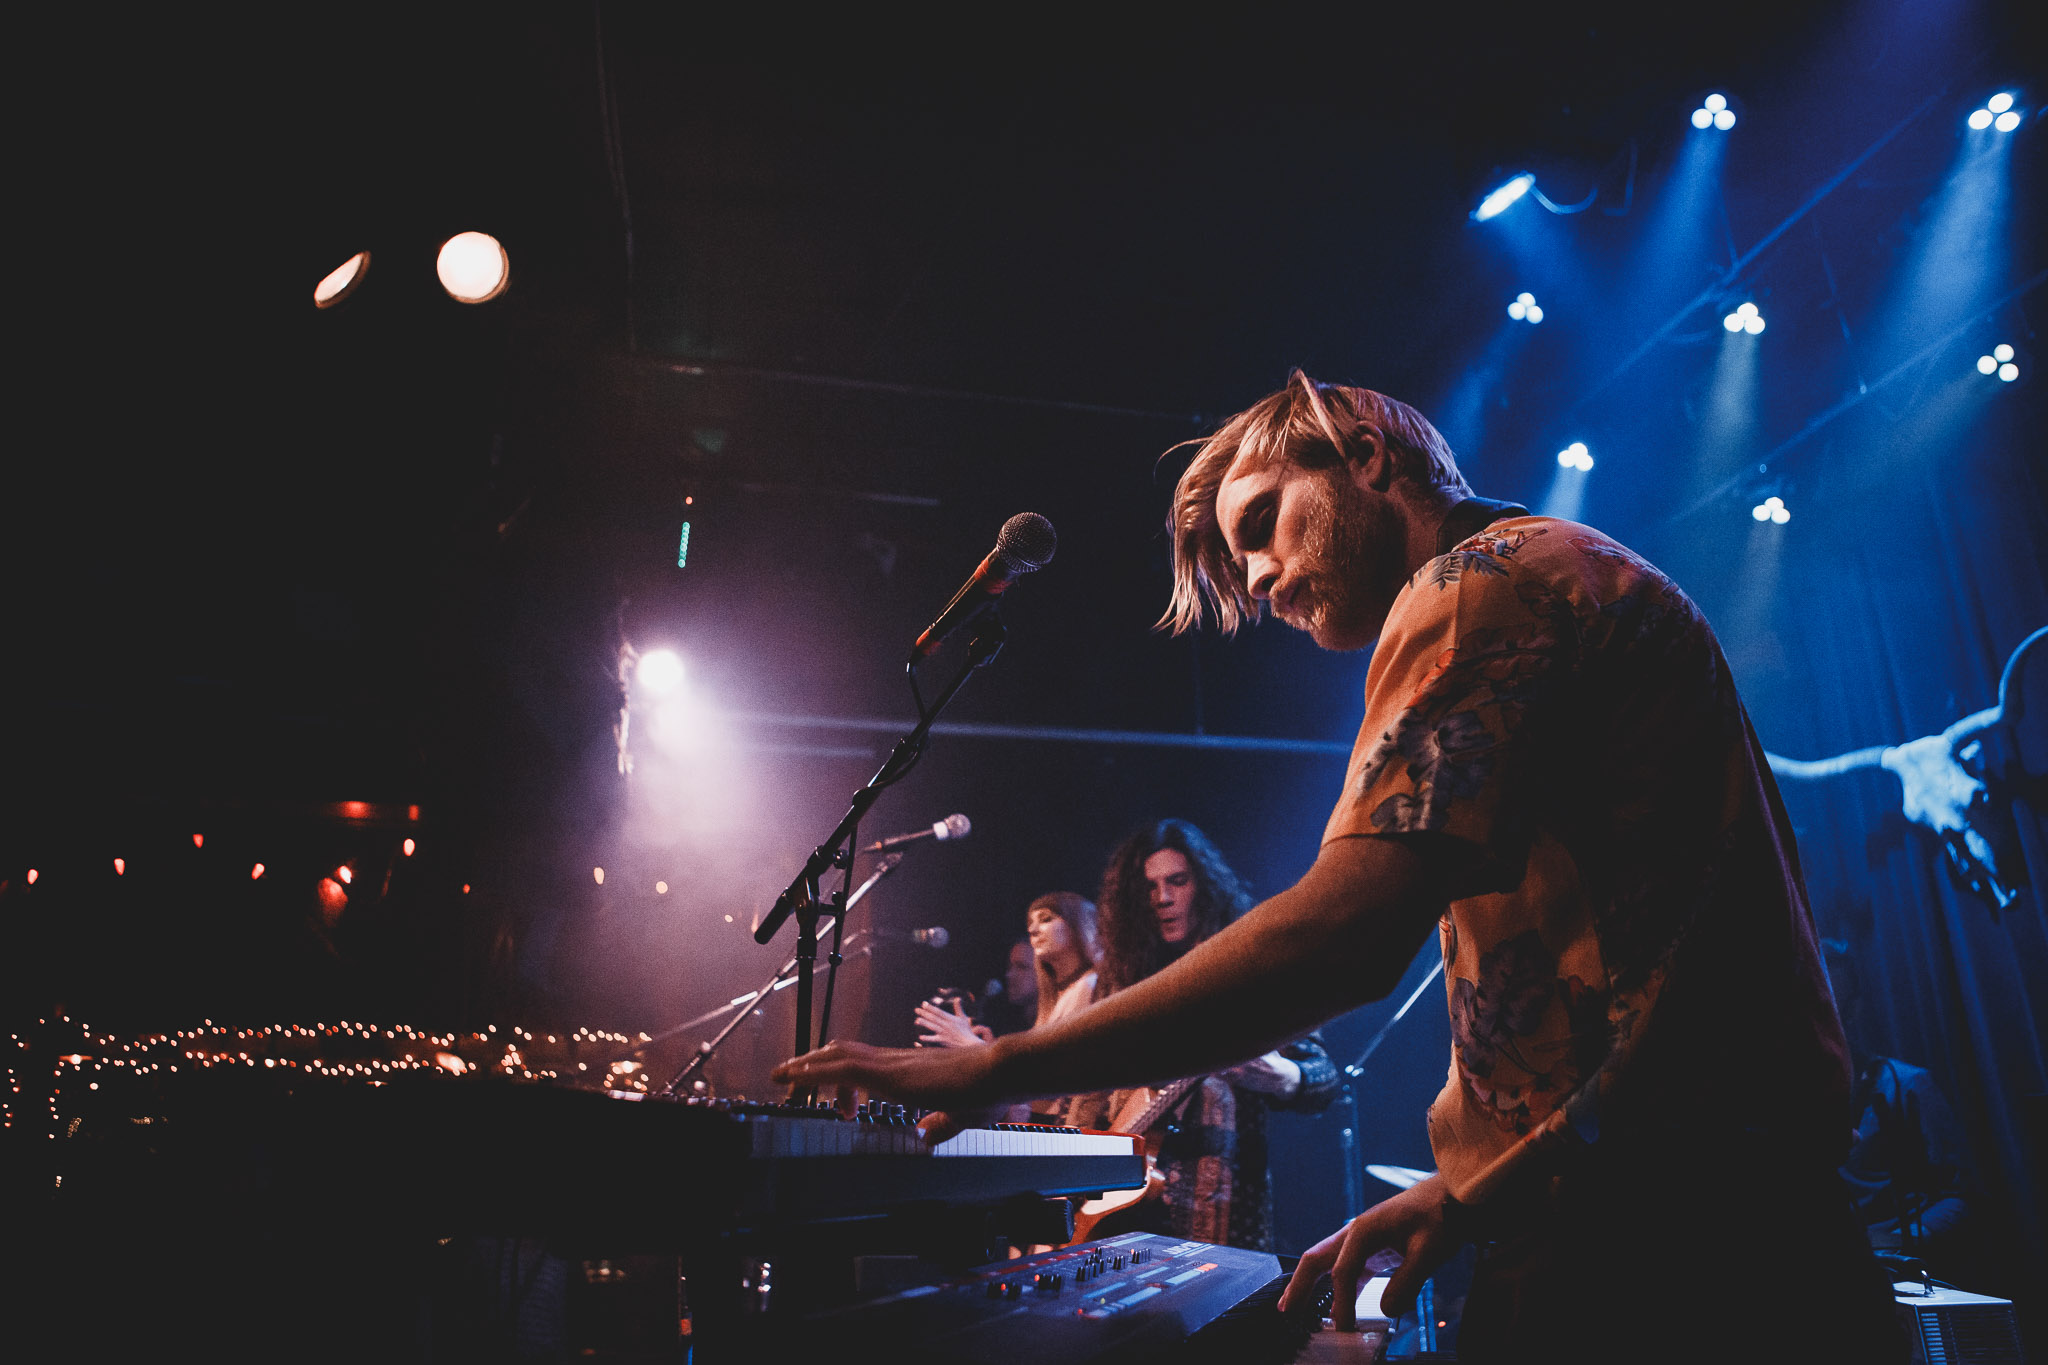 Photo - Jake Hanson (@trulybogus)